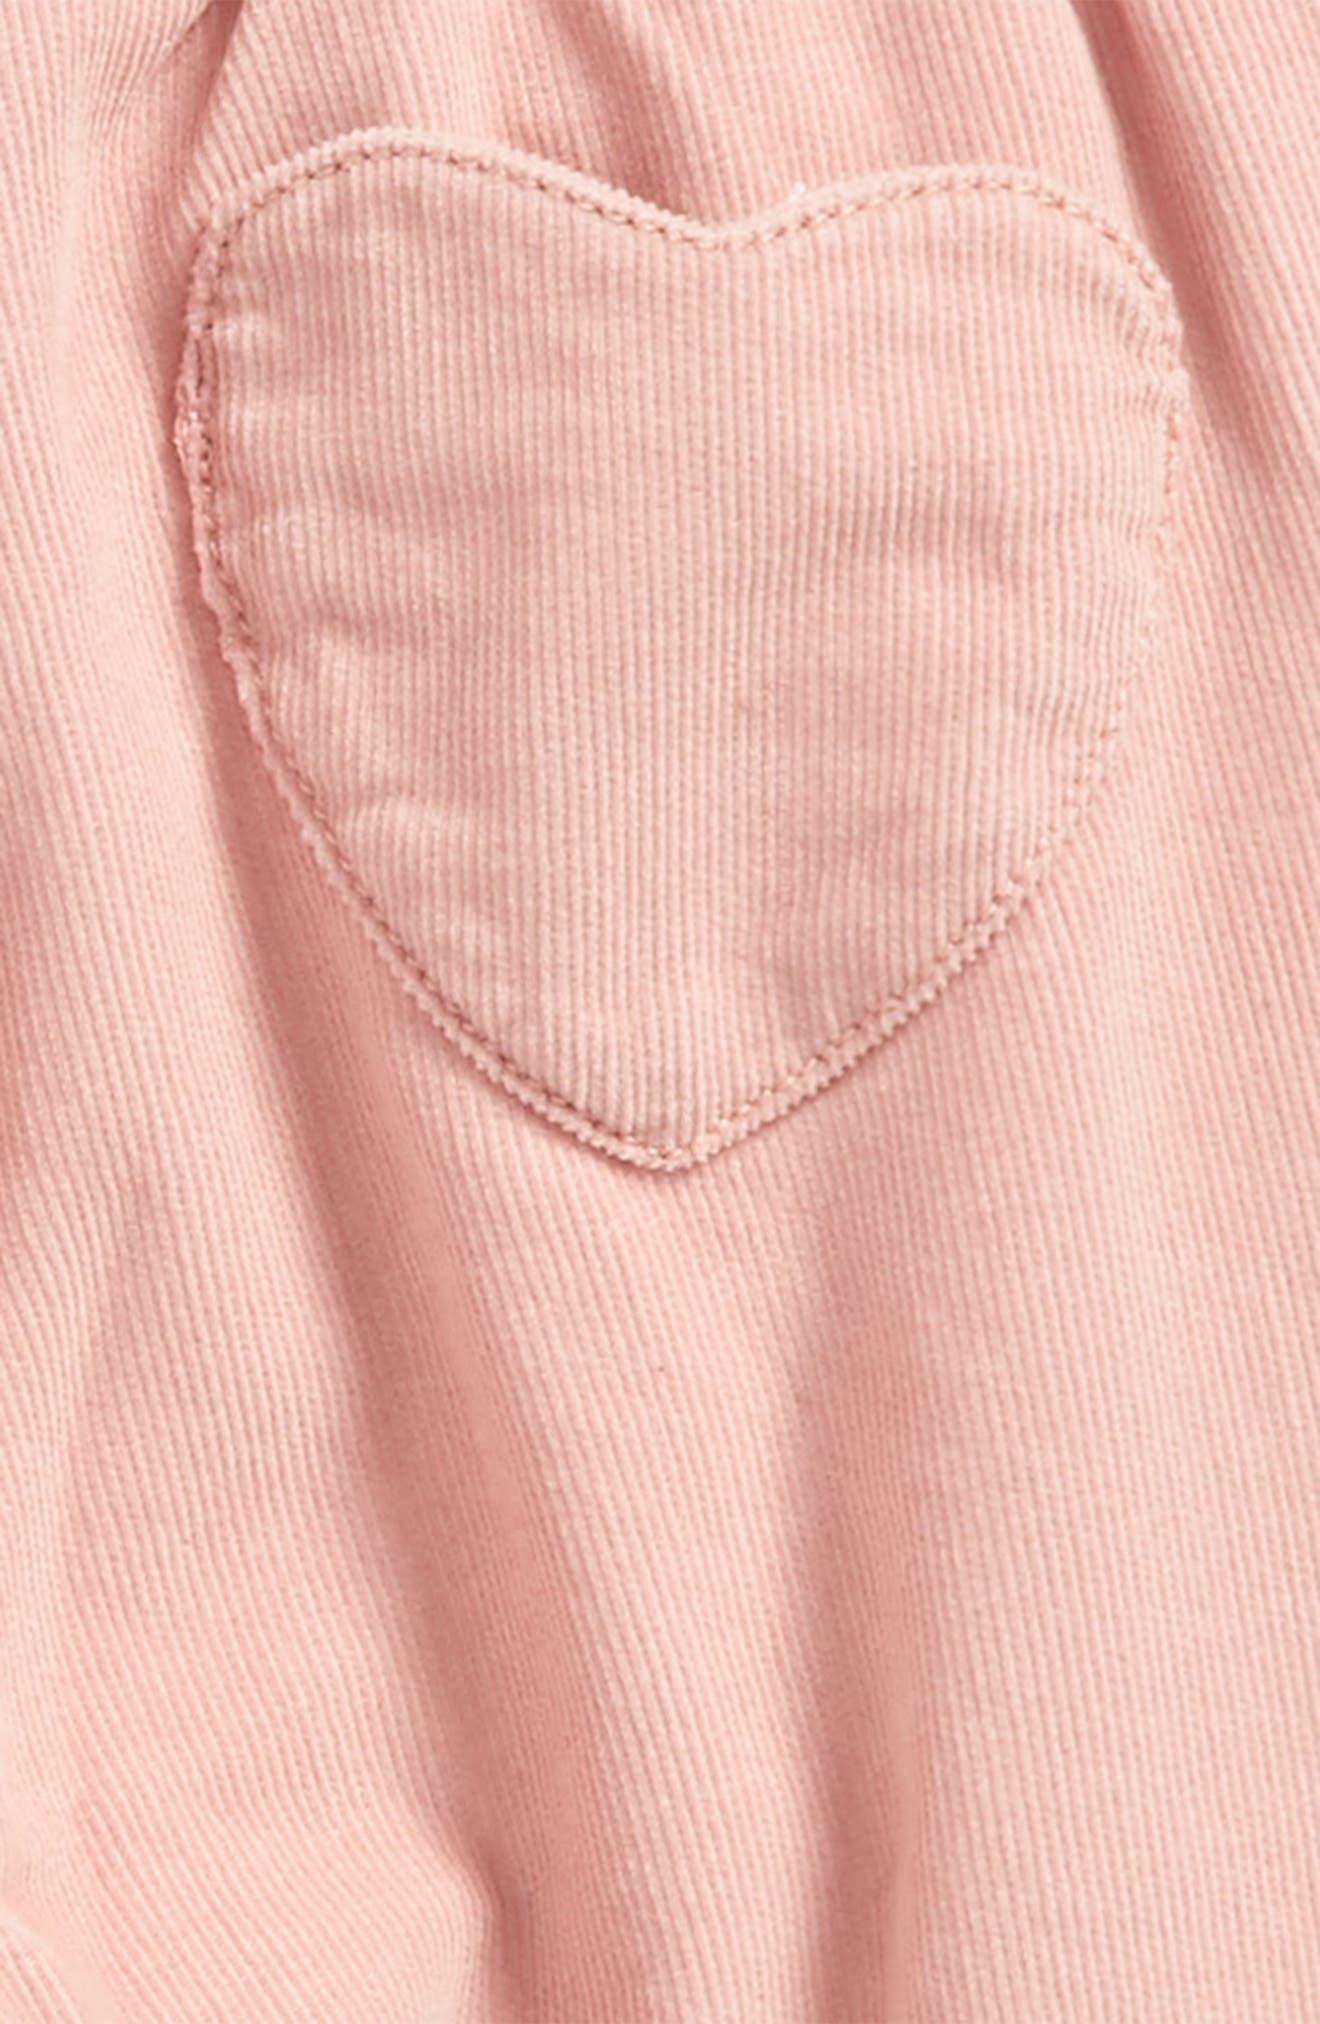 Heart Pocket Corduroy Pants,                             Alternate thumbnail 3, color,                             684